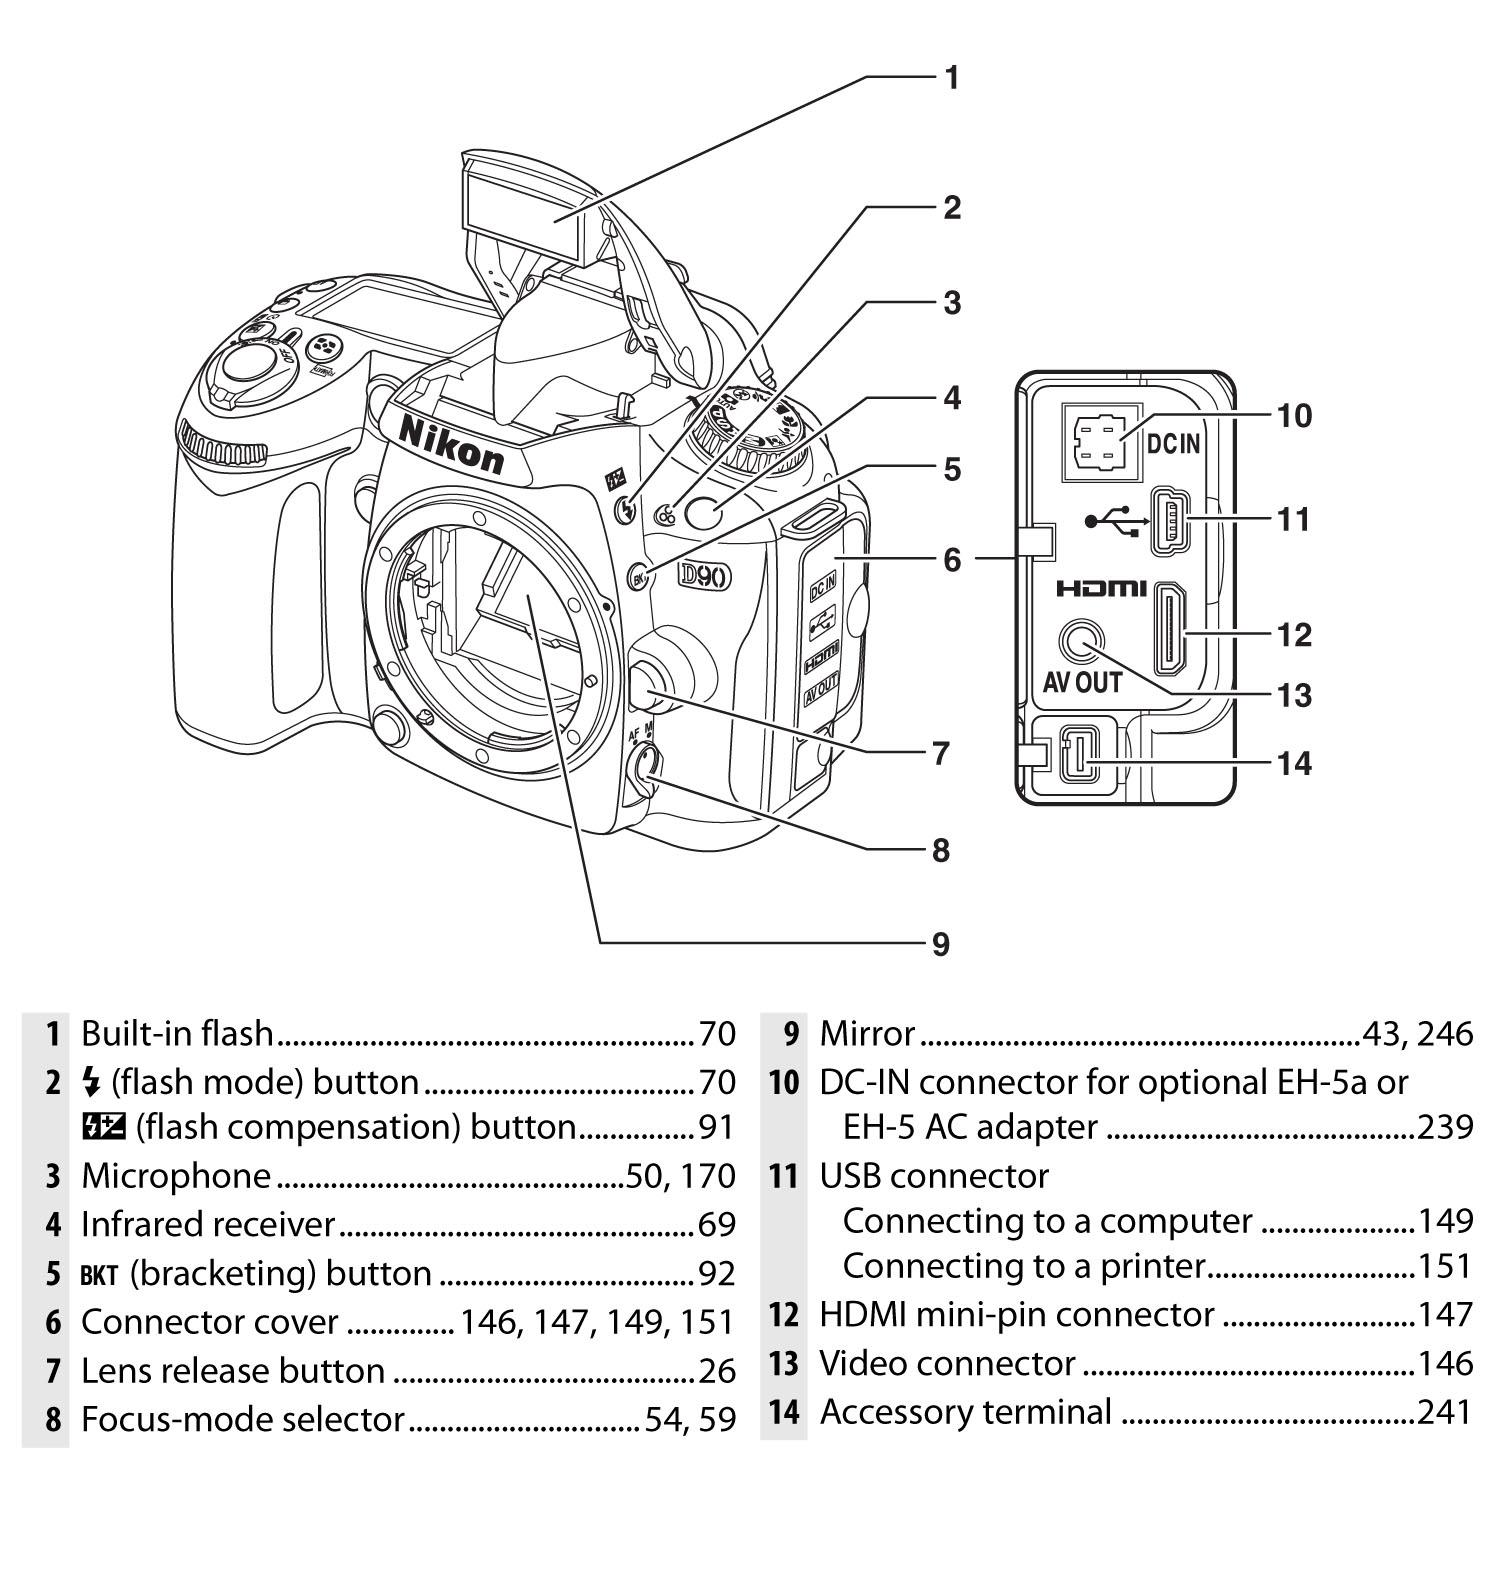 nikon d90 tutorial pdf